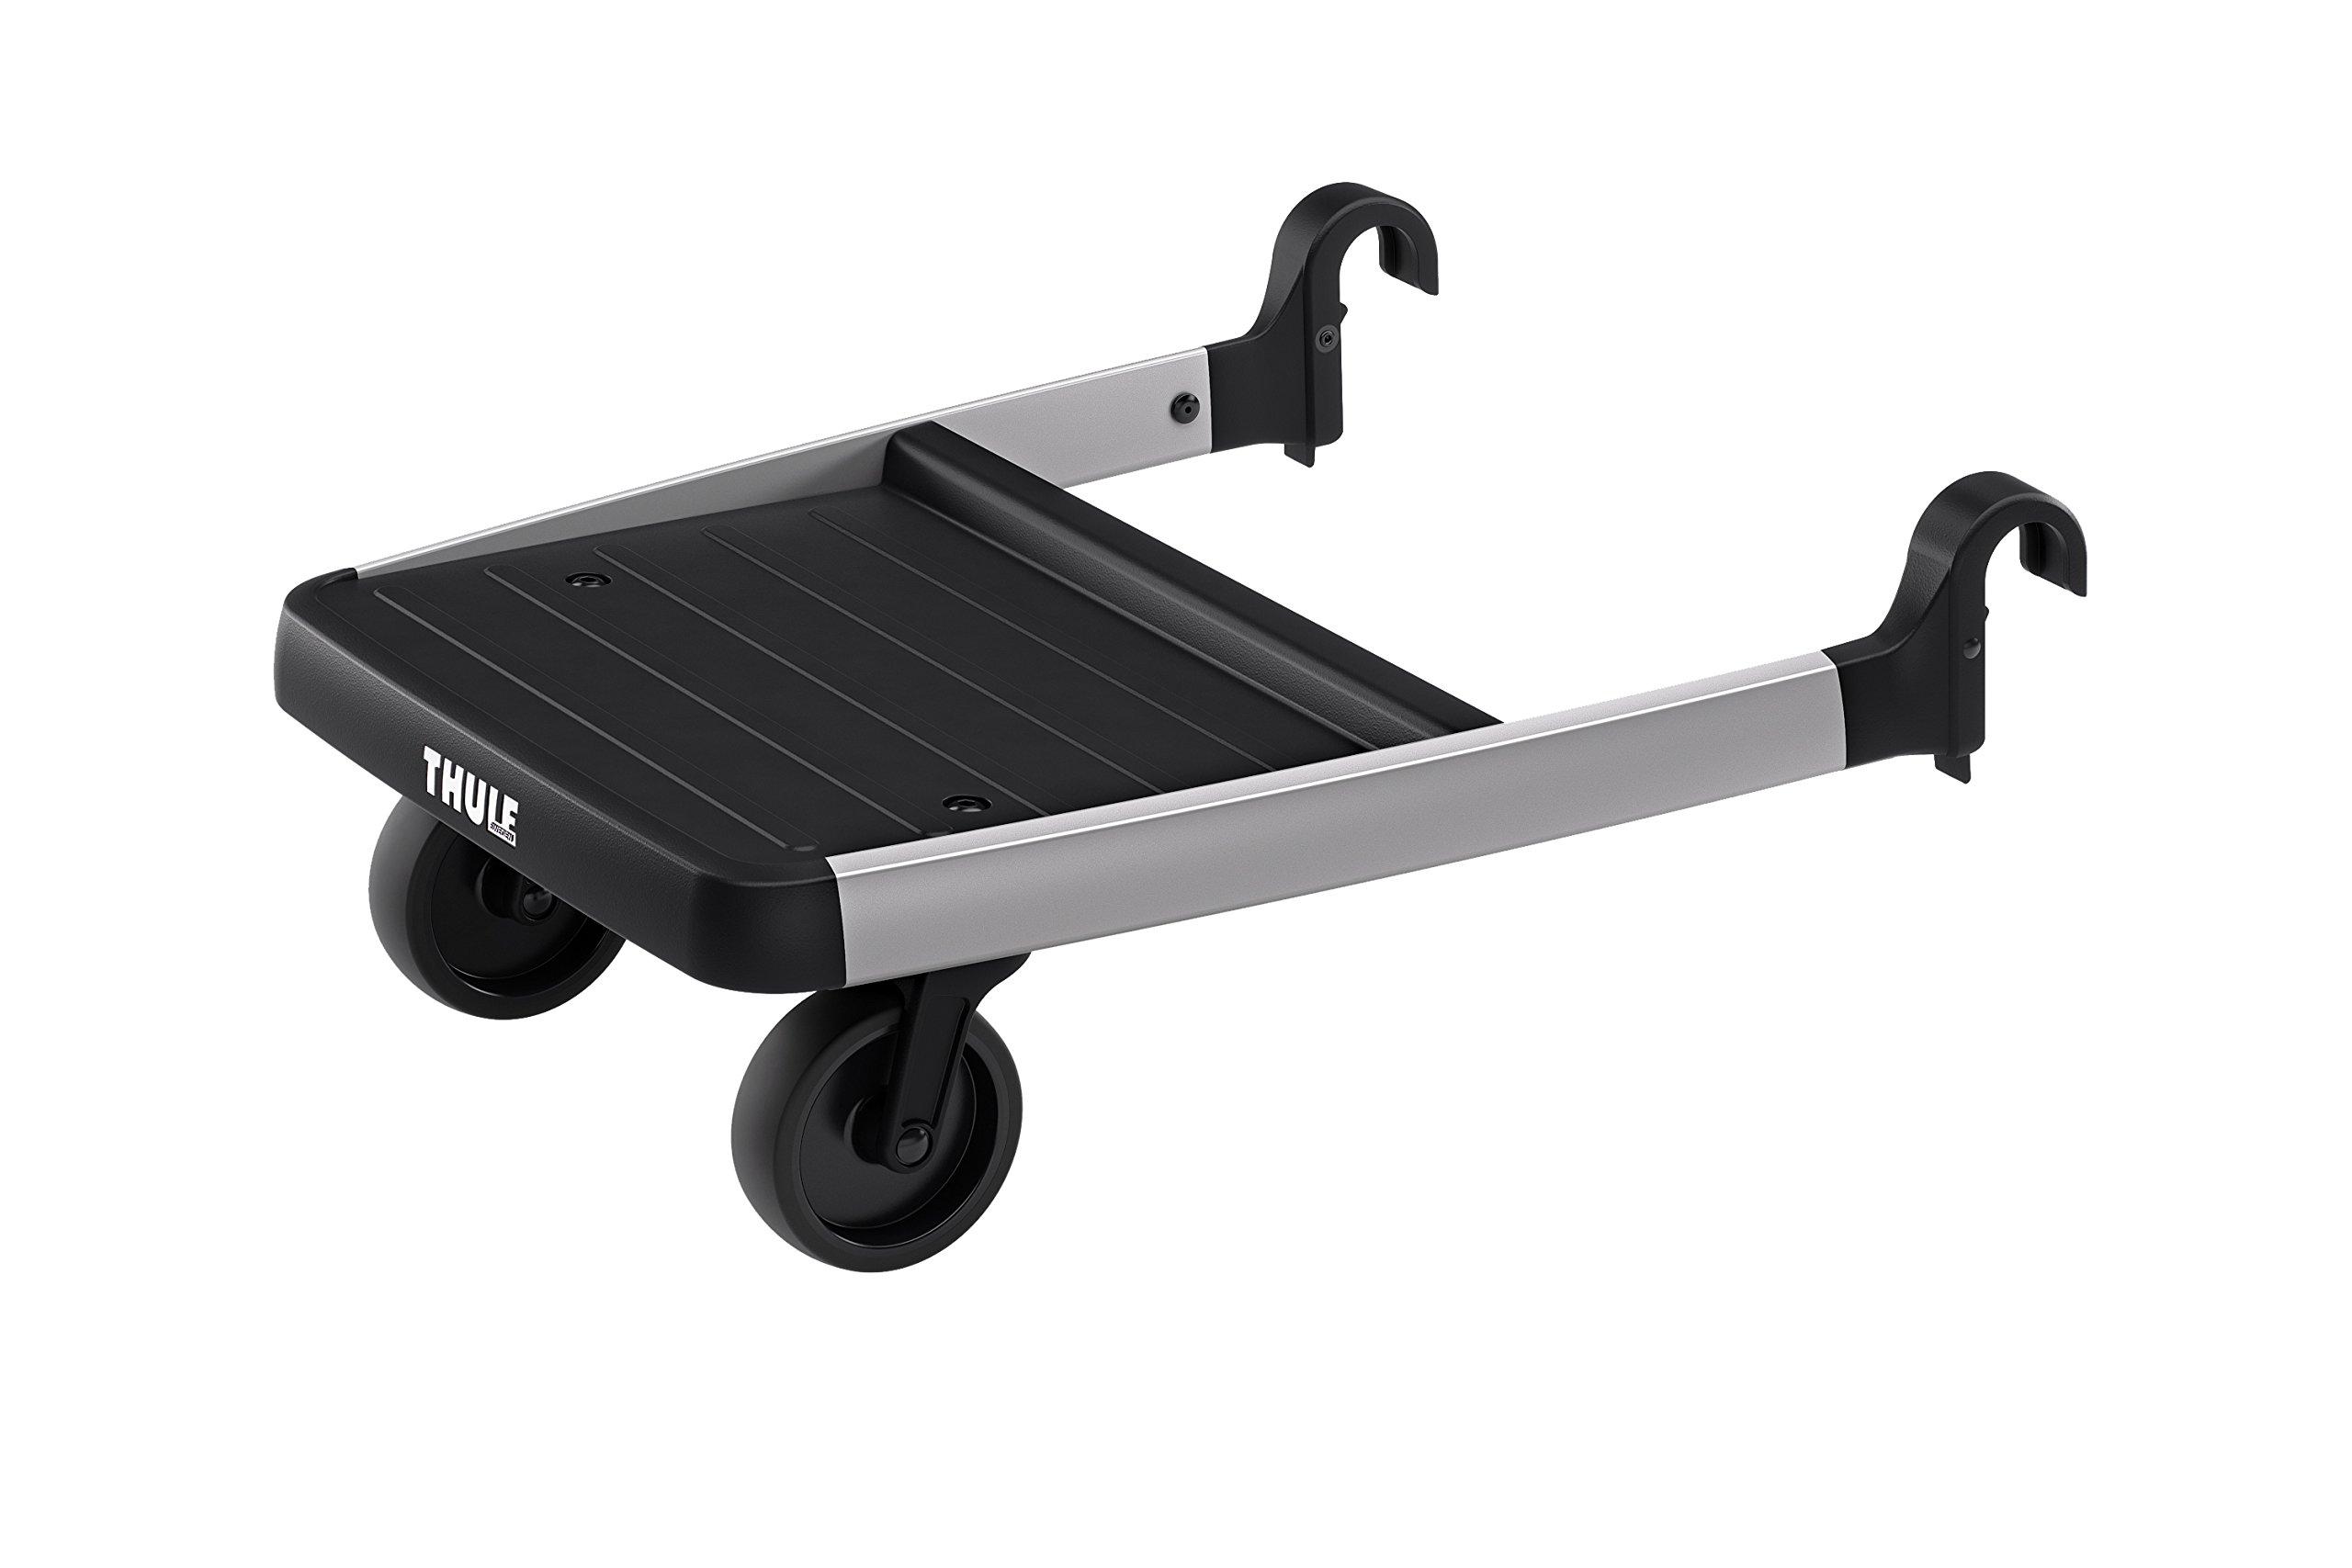 37+ Thule sleek stroller canada info